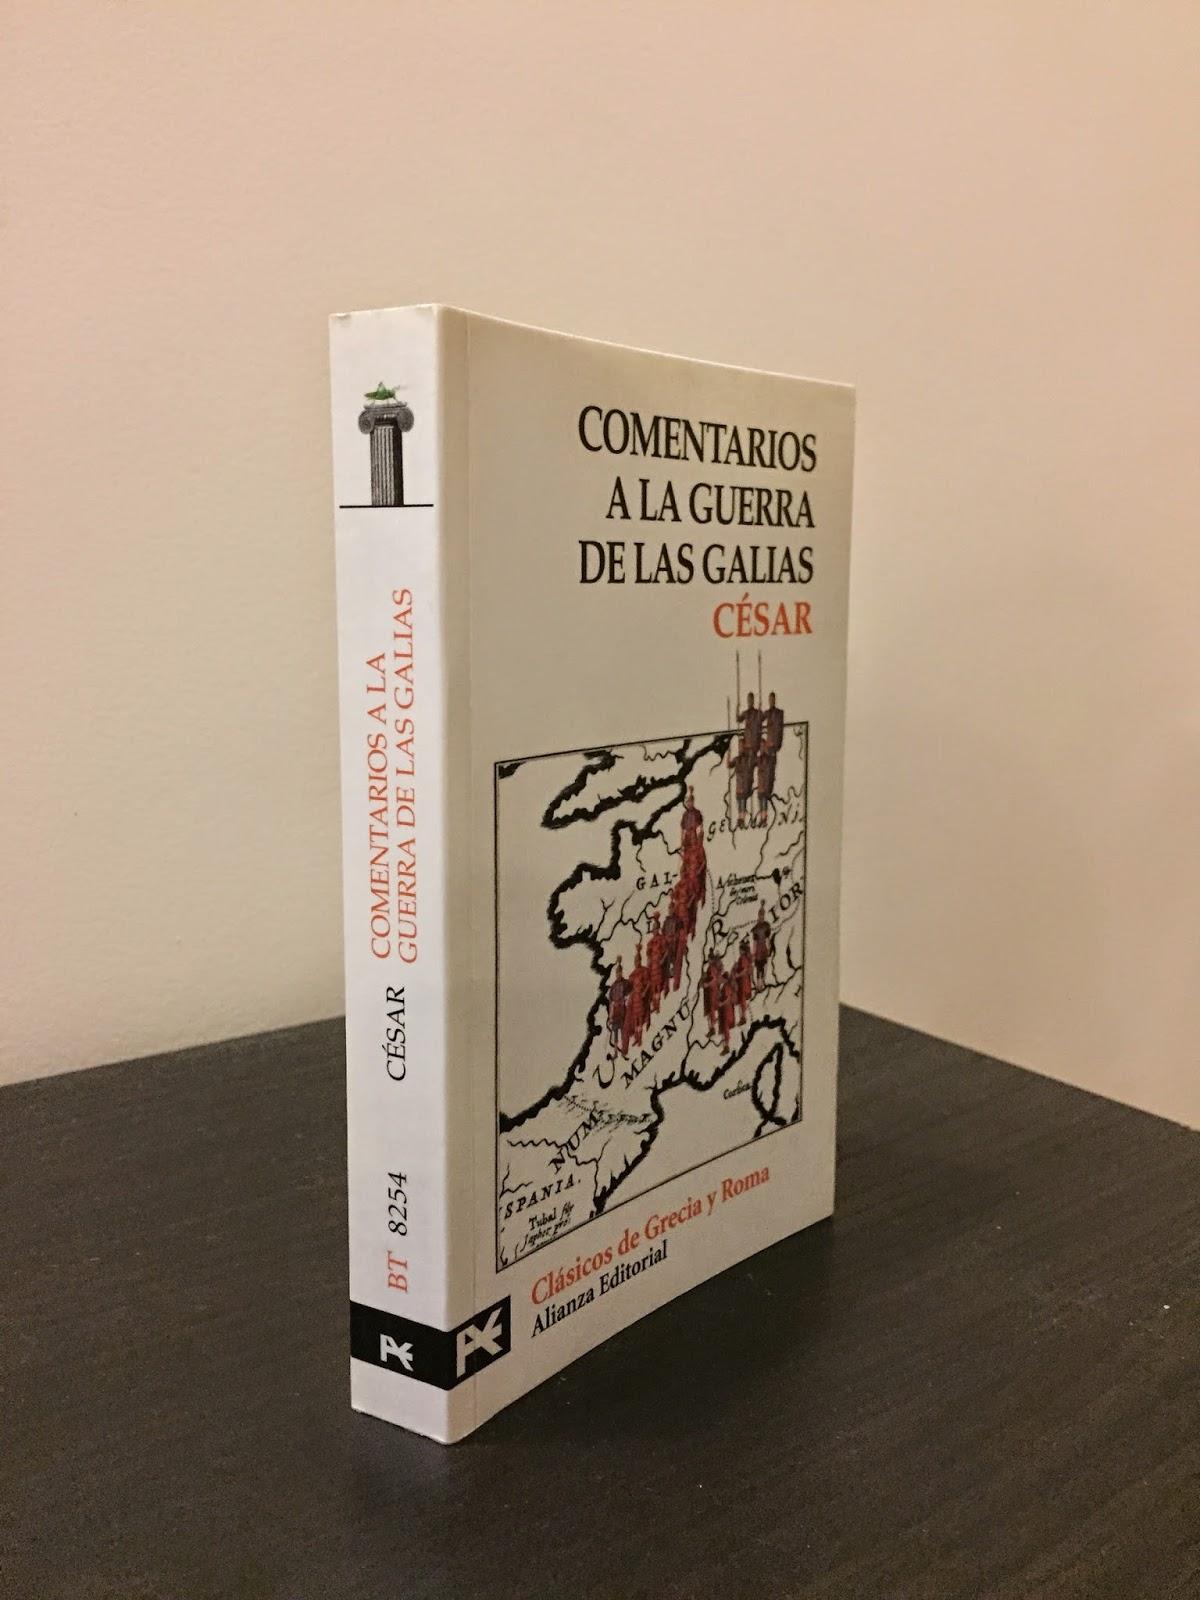 Libros bélicos, Libros de Guerra, Roma, Historia de Roma